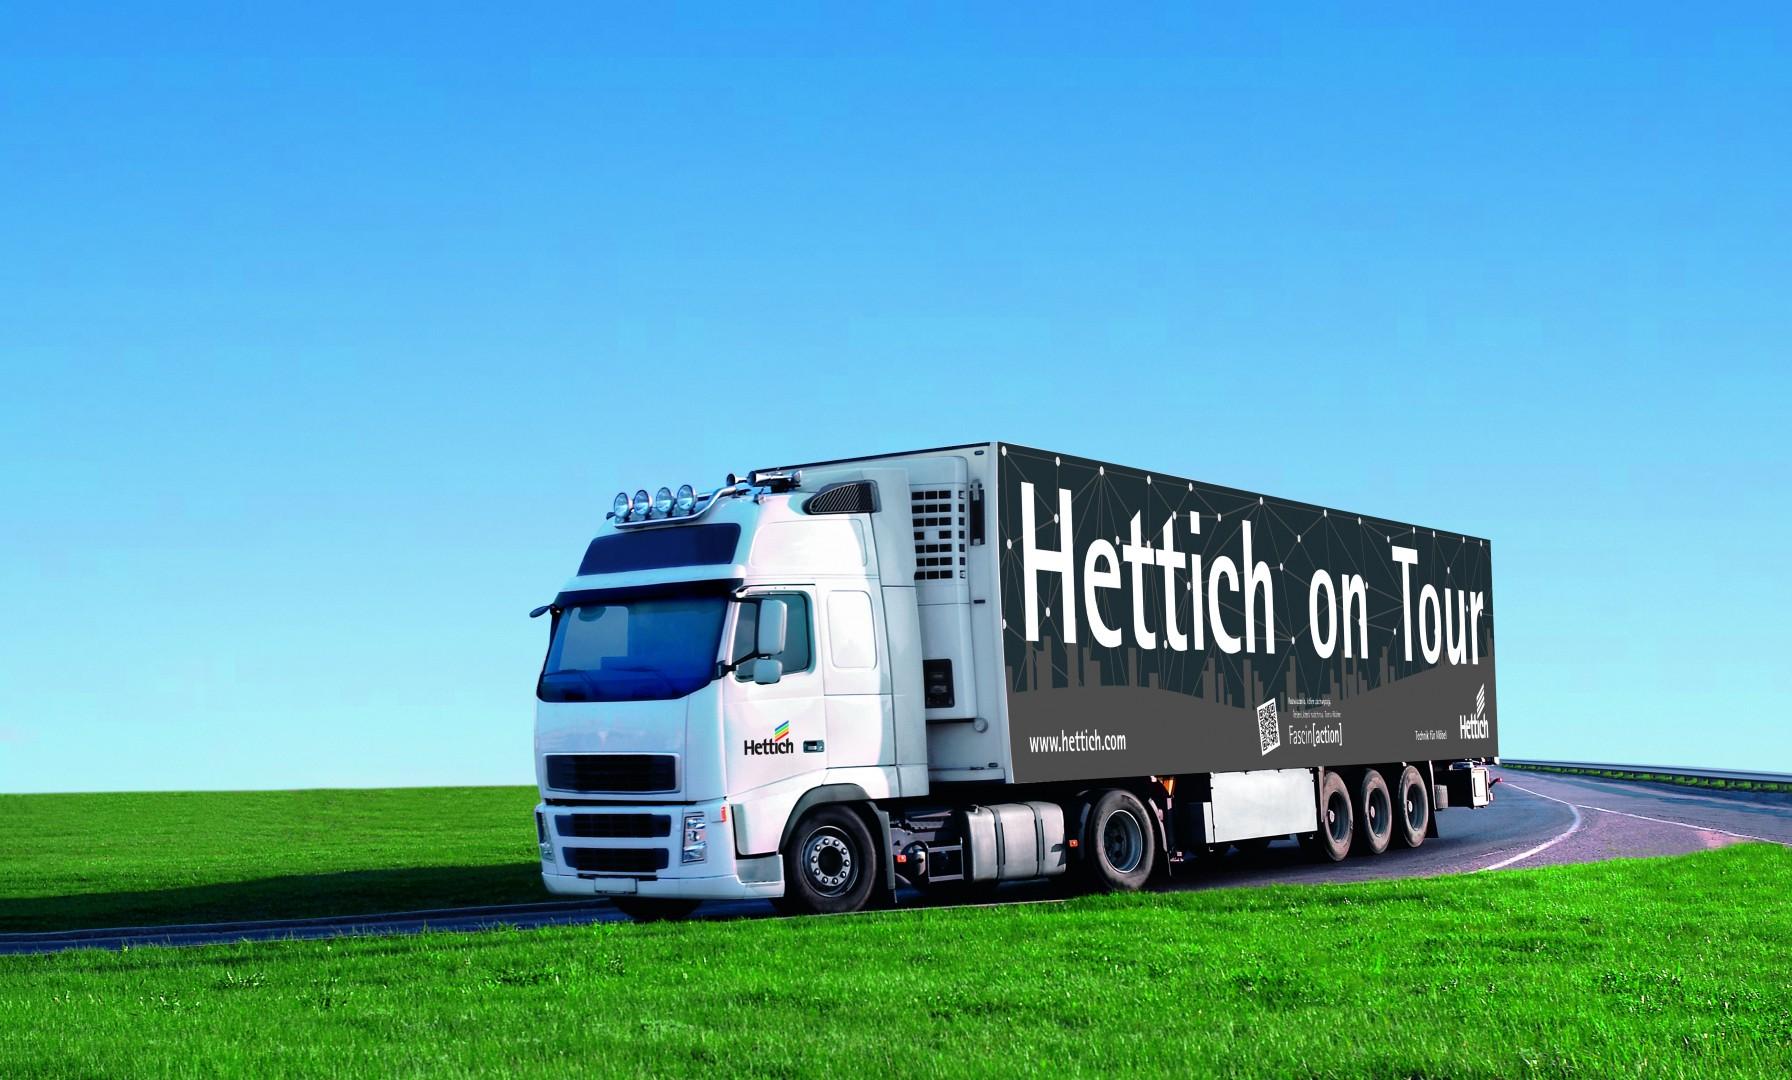 Showtruck firmy Hettich. Fot. Hettich